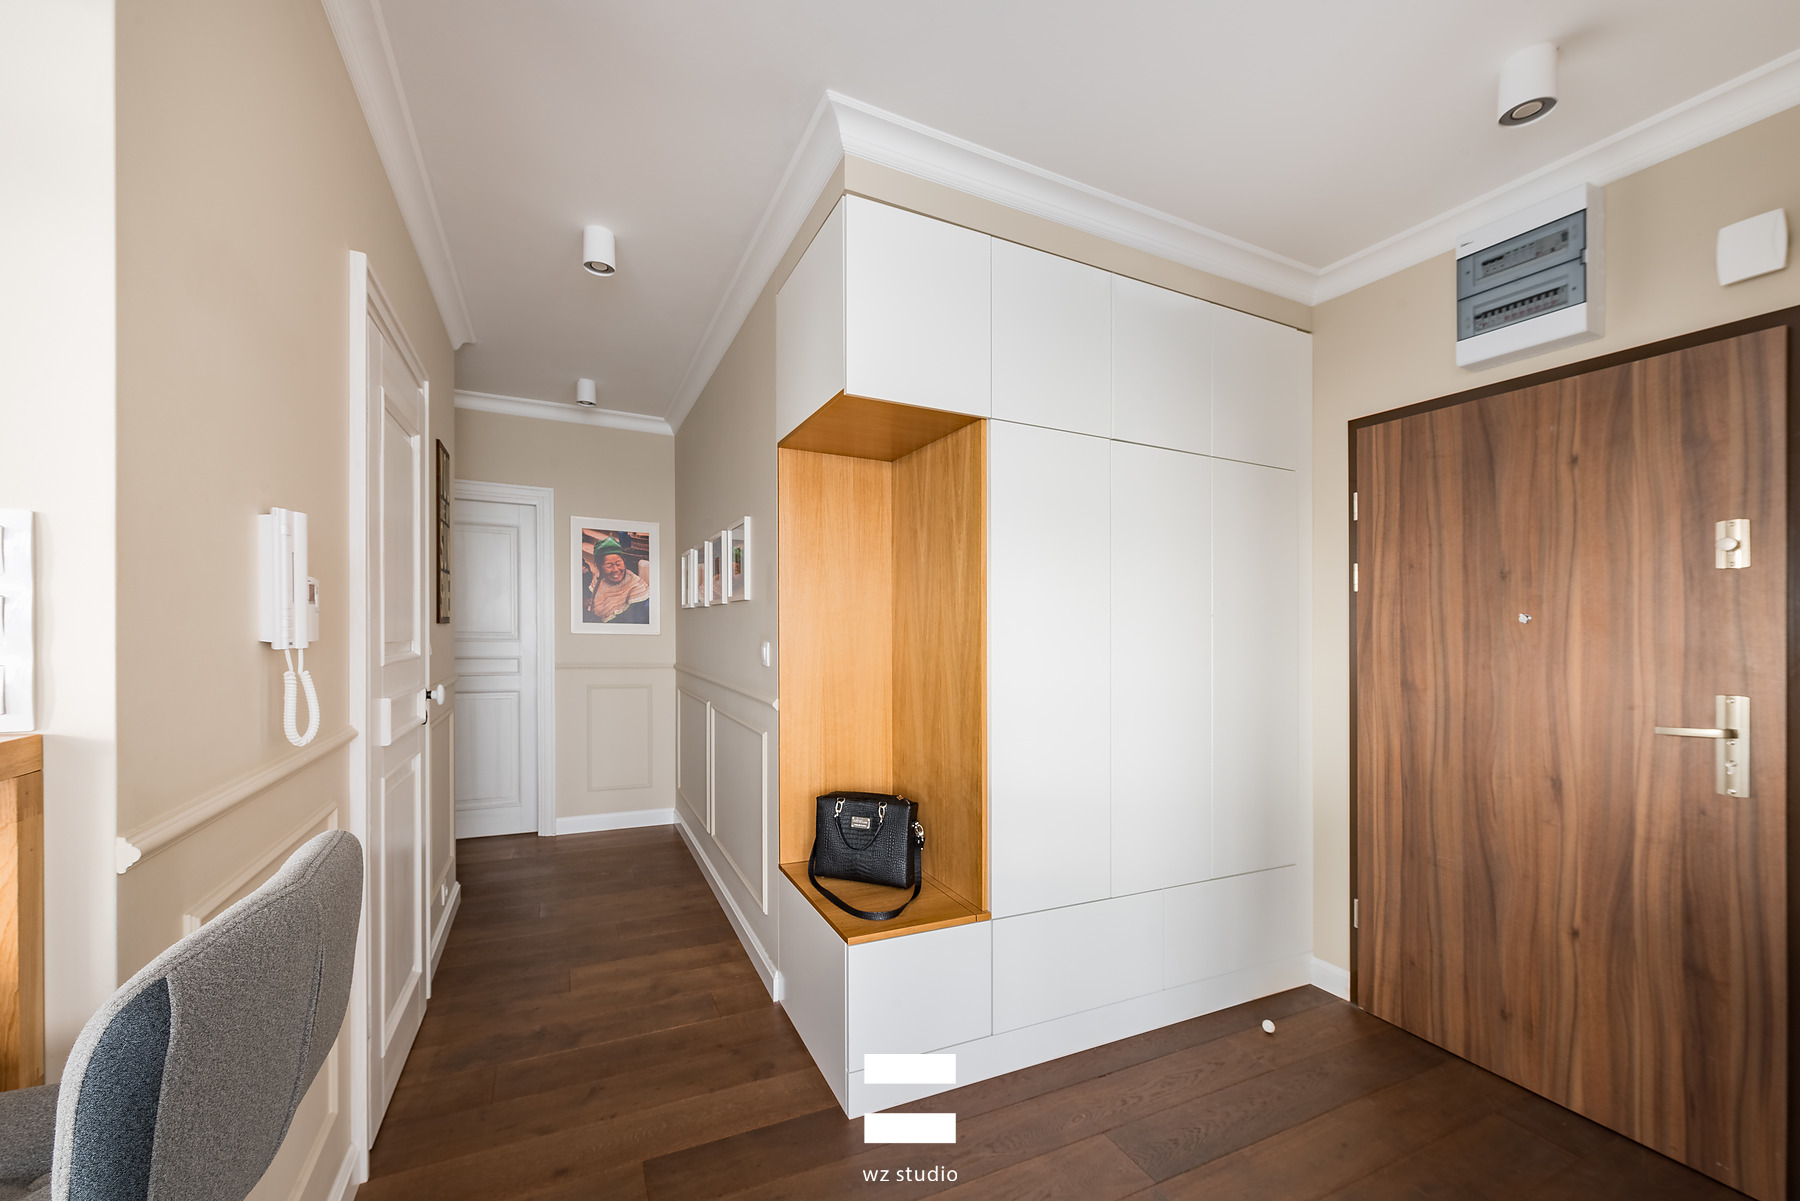 Mieszkanie w Lublinie 80m2 | Proj. WZ Studio